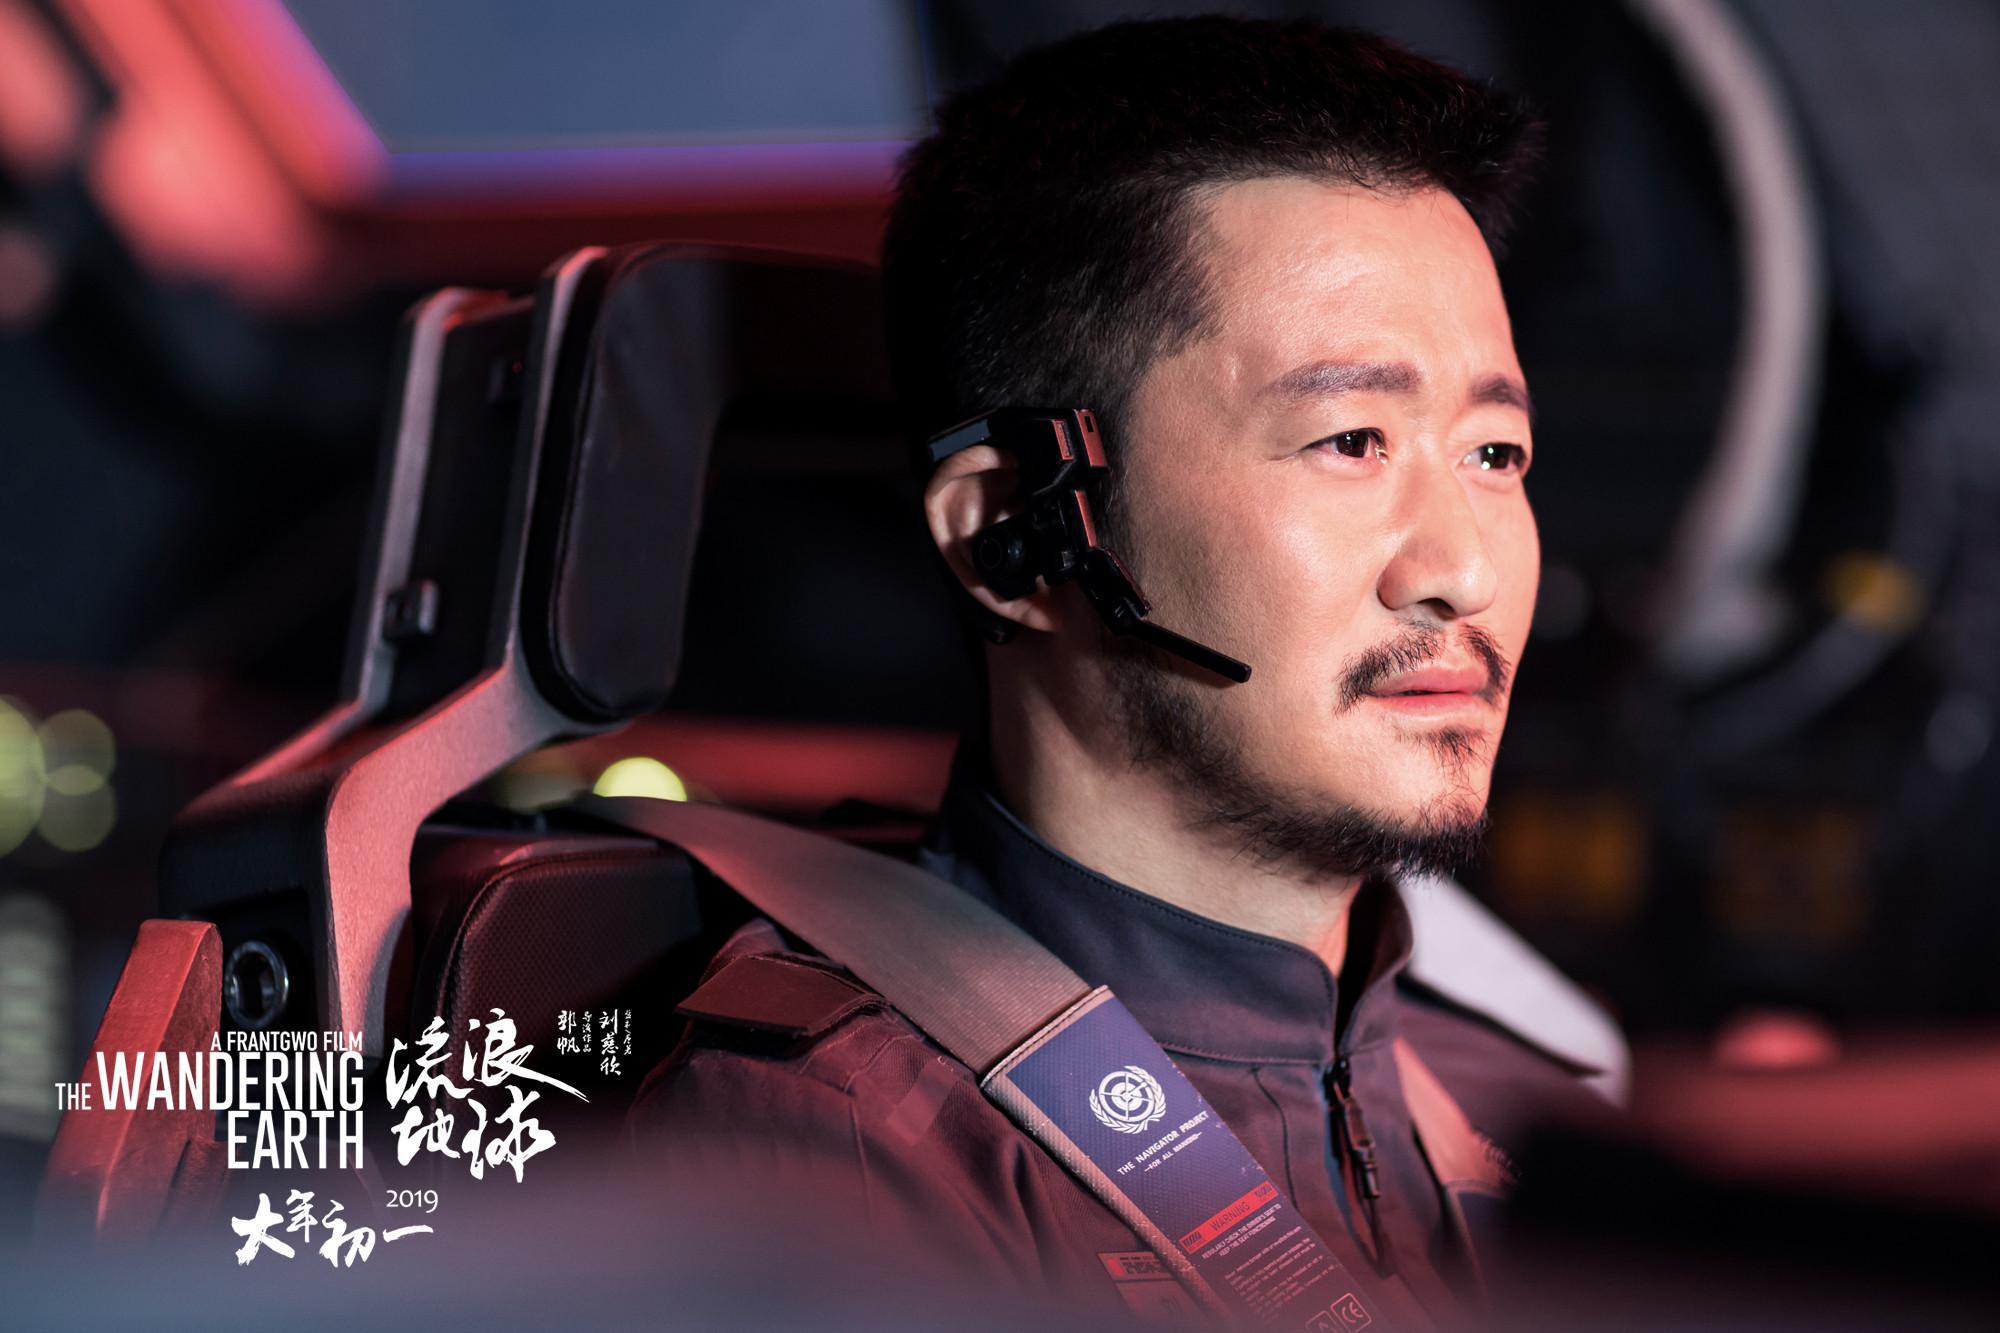 《流浪地球》院線放映正式結束,票房46.54億位列中國影史第二_電影